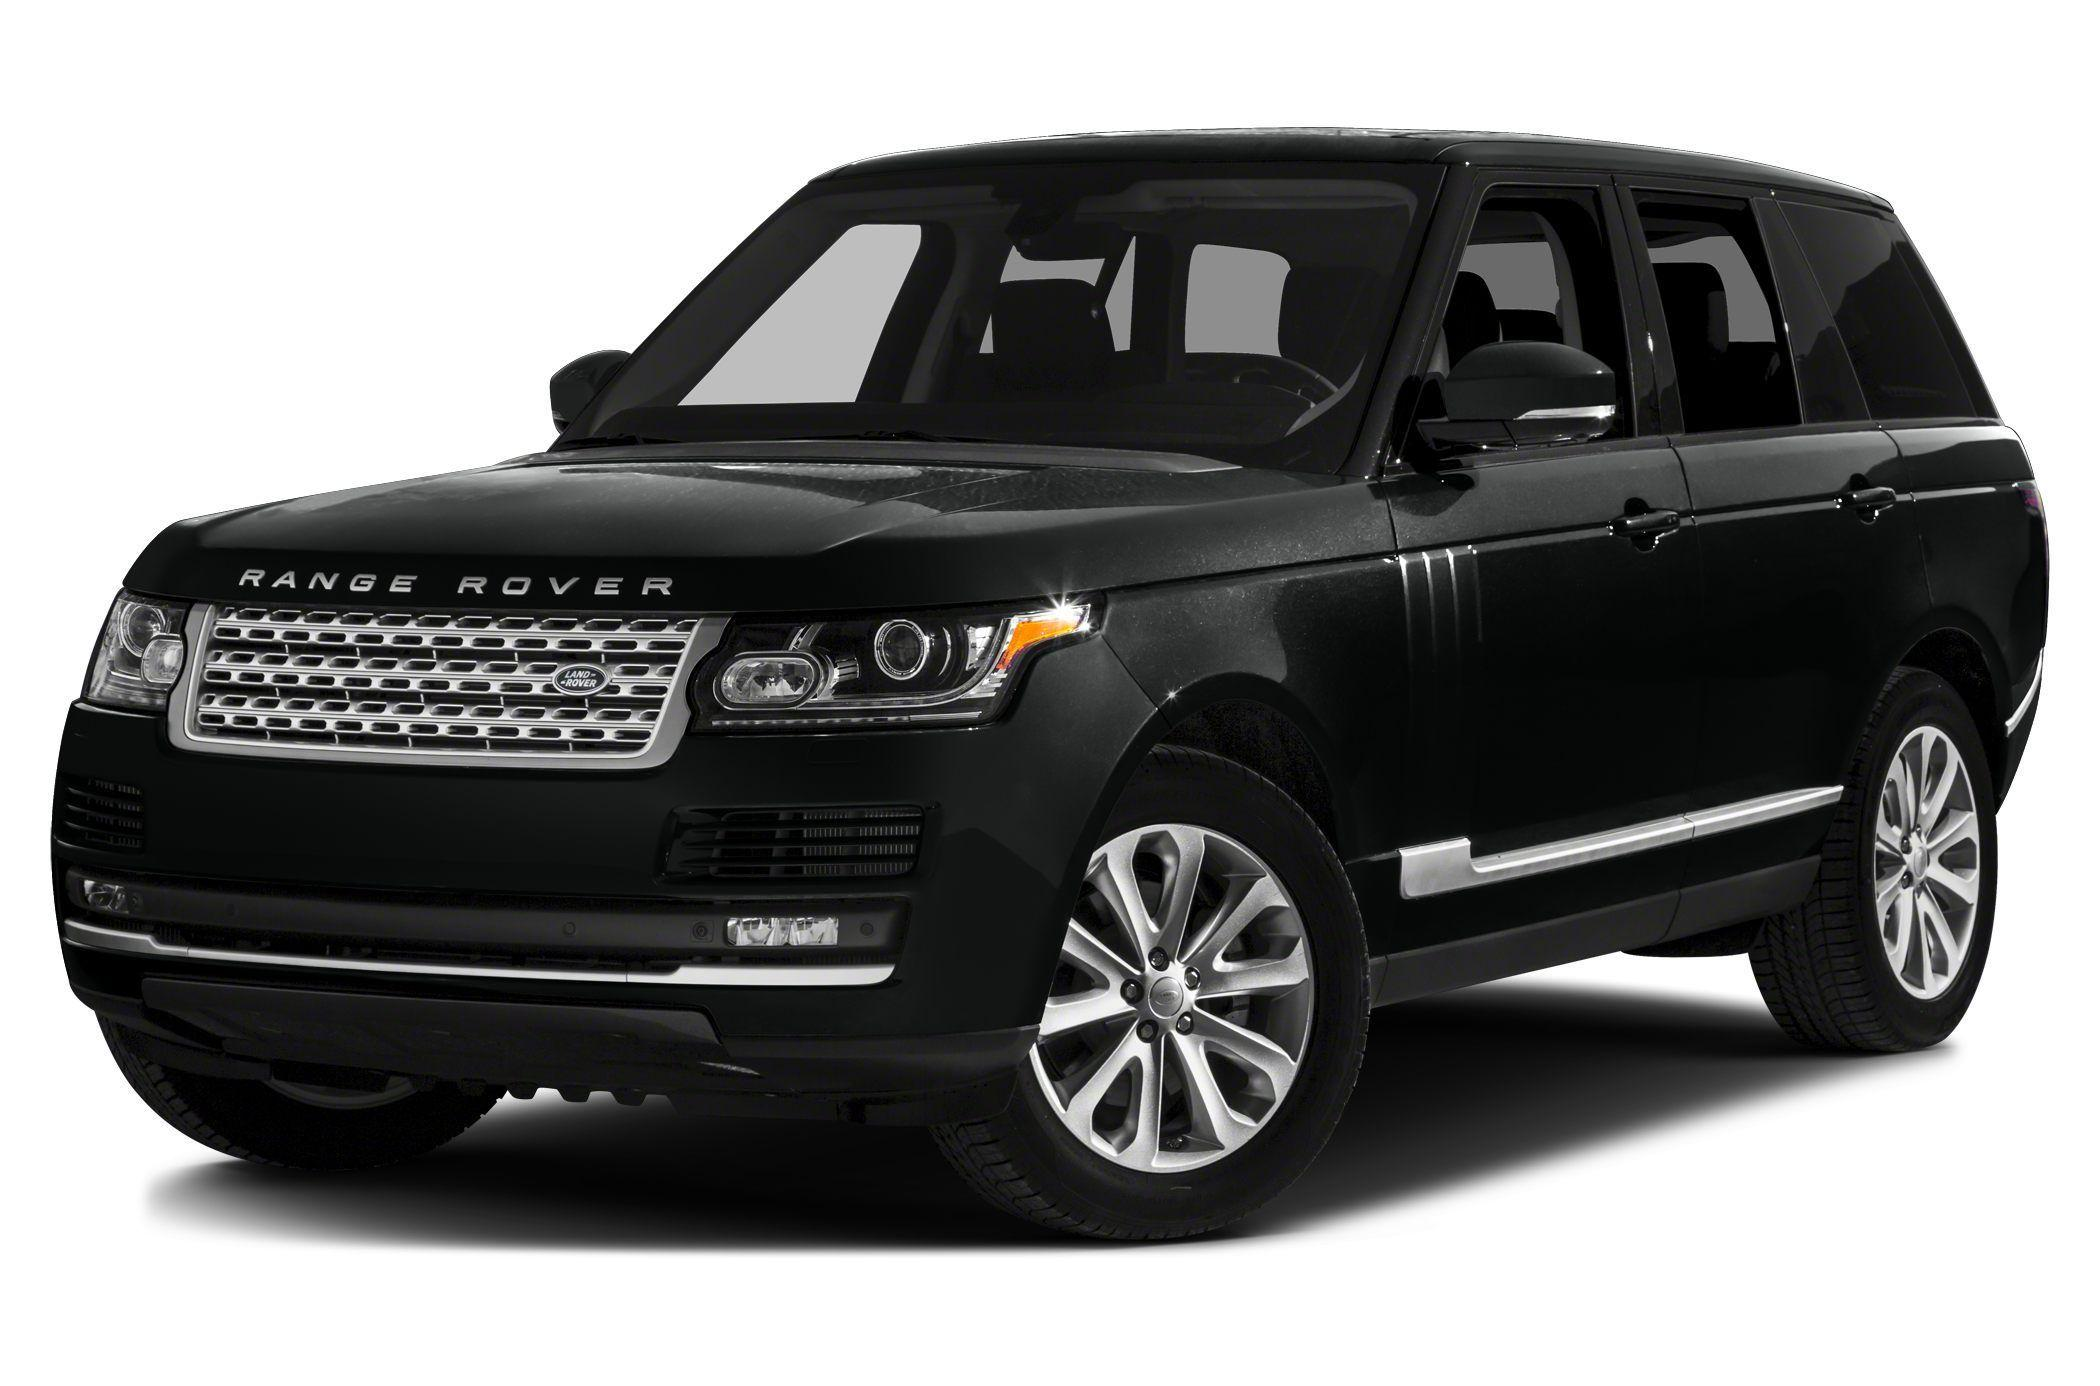 Black Range Rover Sport Wallpaper: Range Rover Sport 2017 Wallpapers